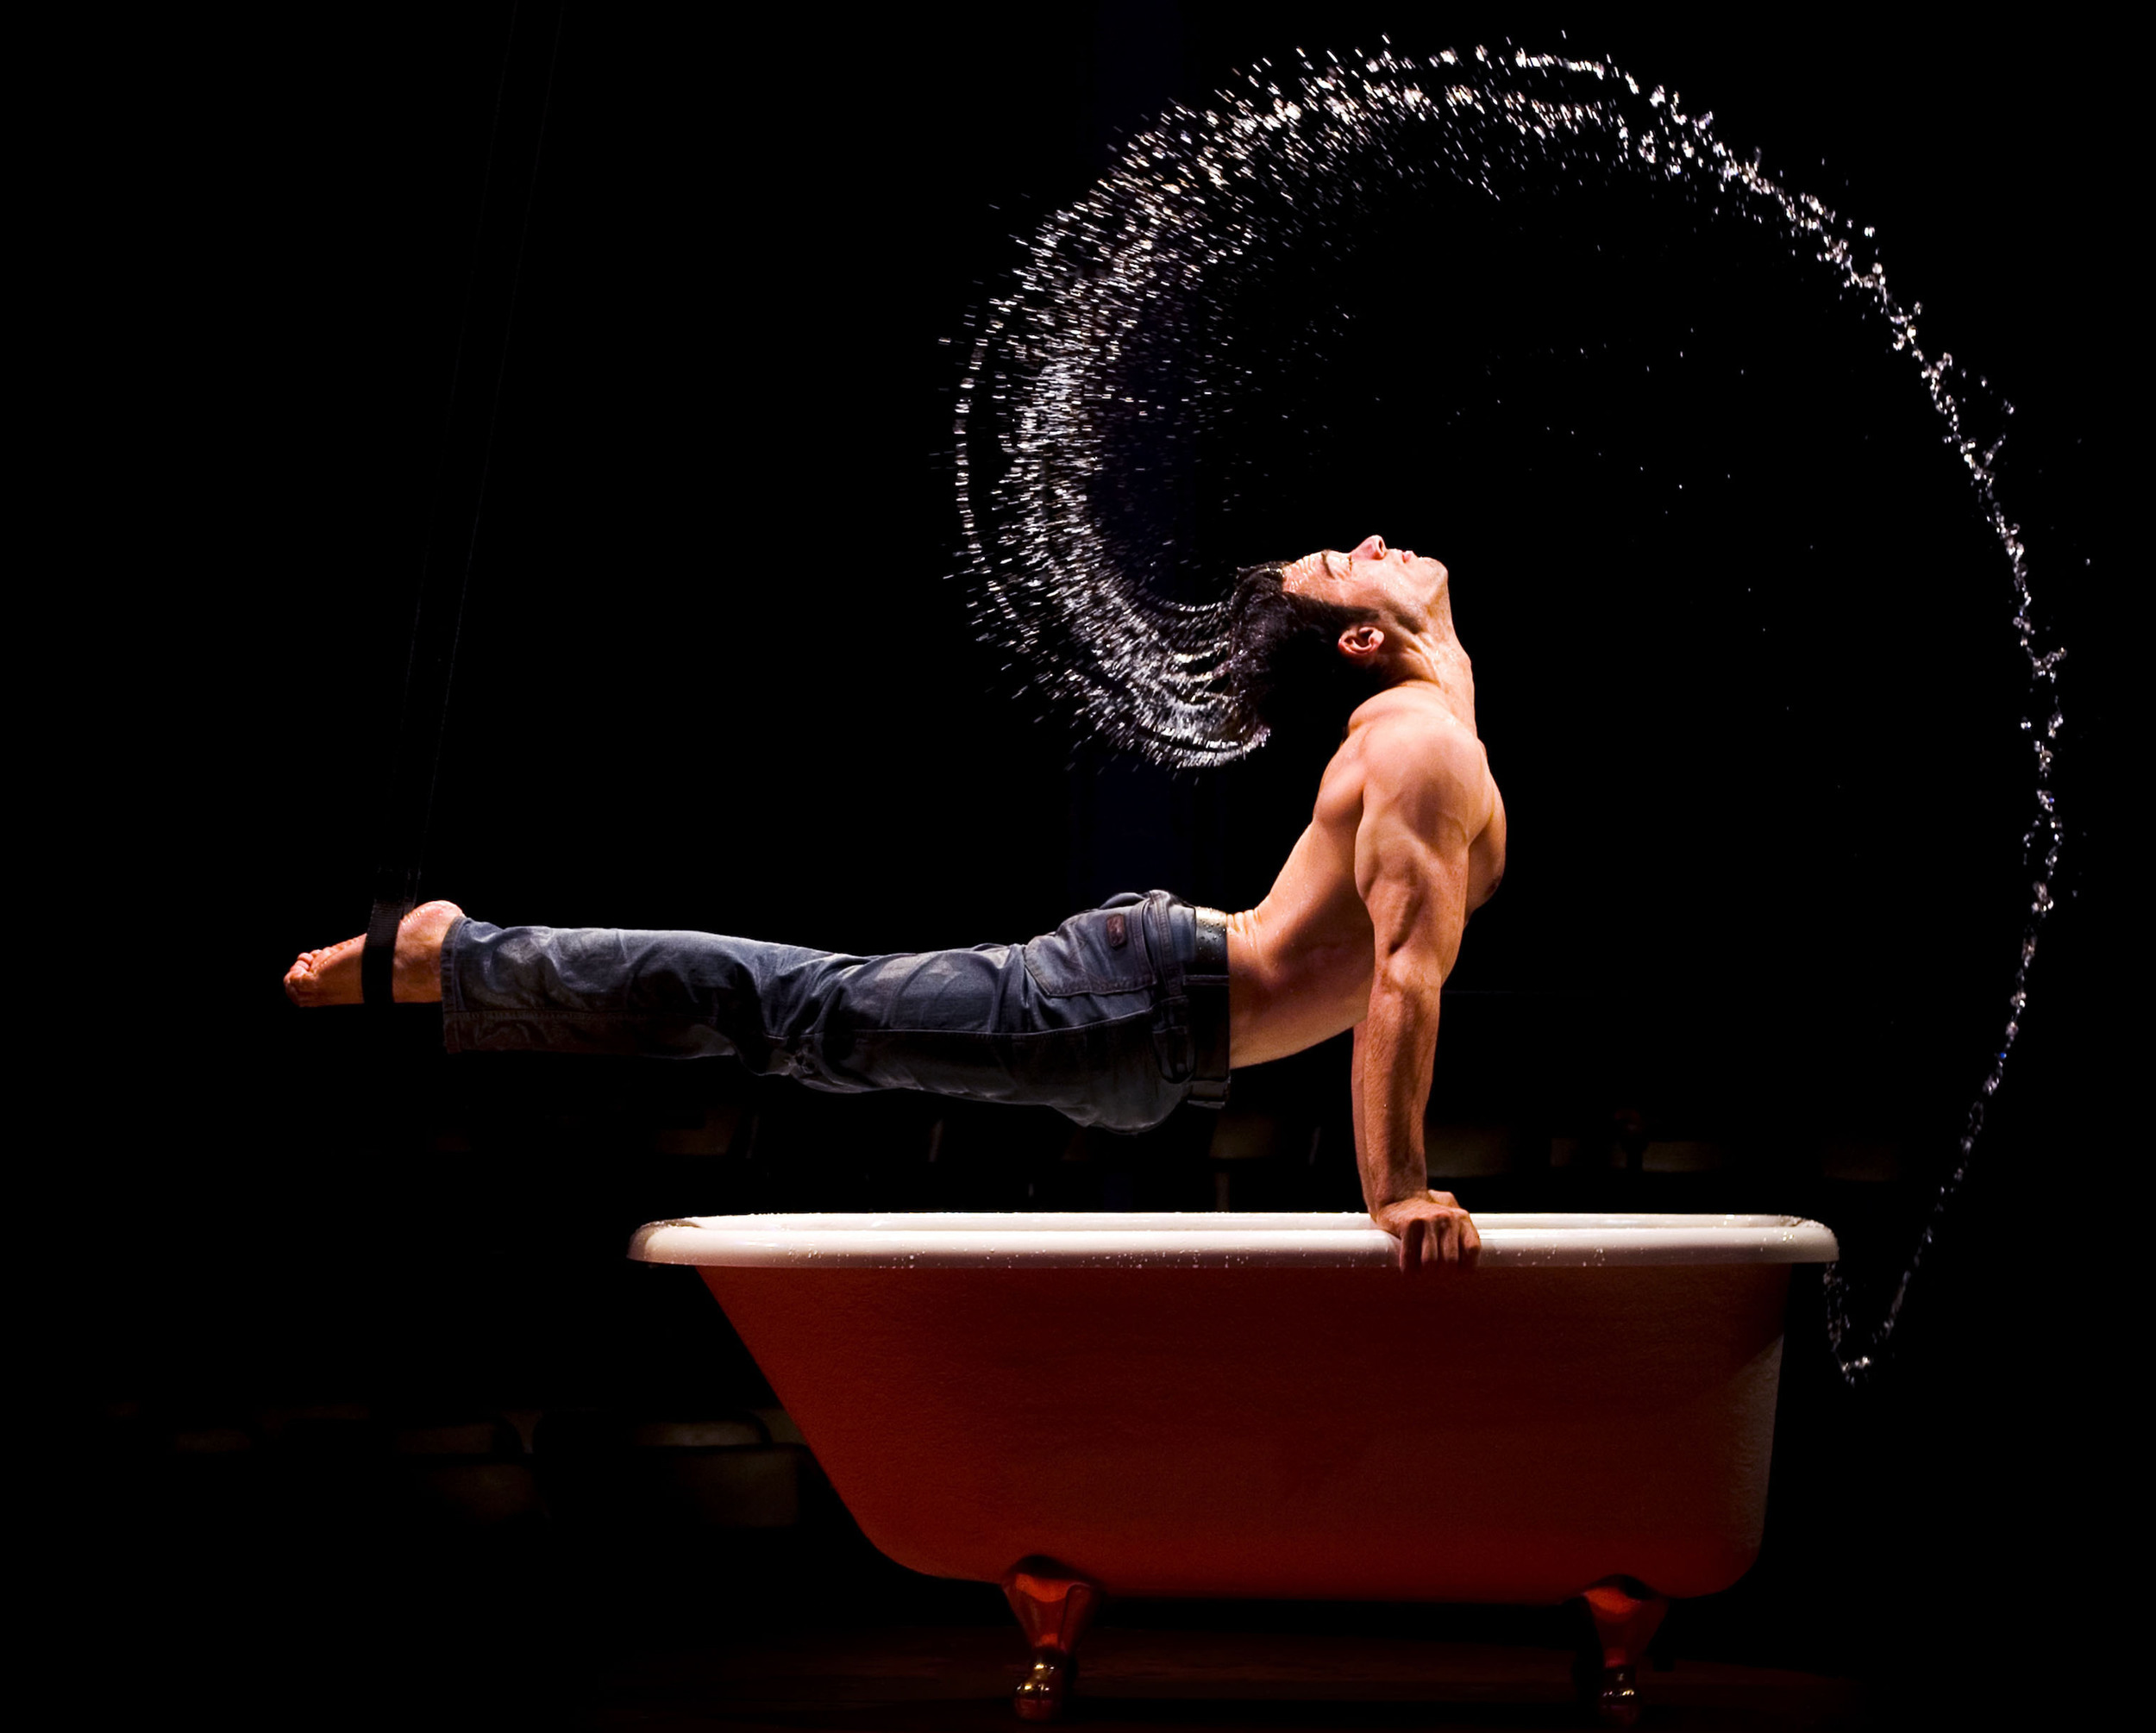 LA-SOIREE-Bath-Boy-w-water.jpg